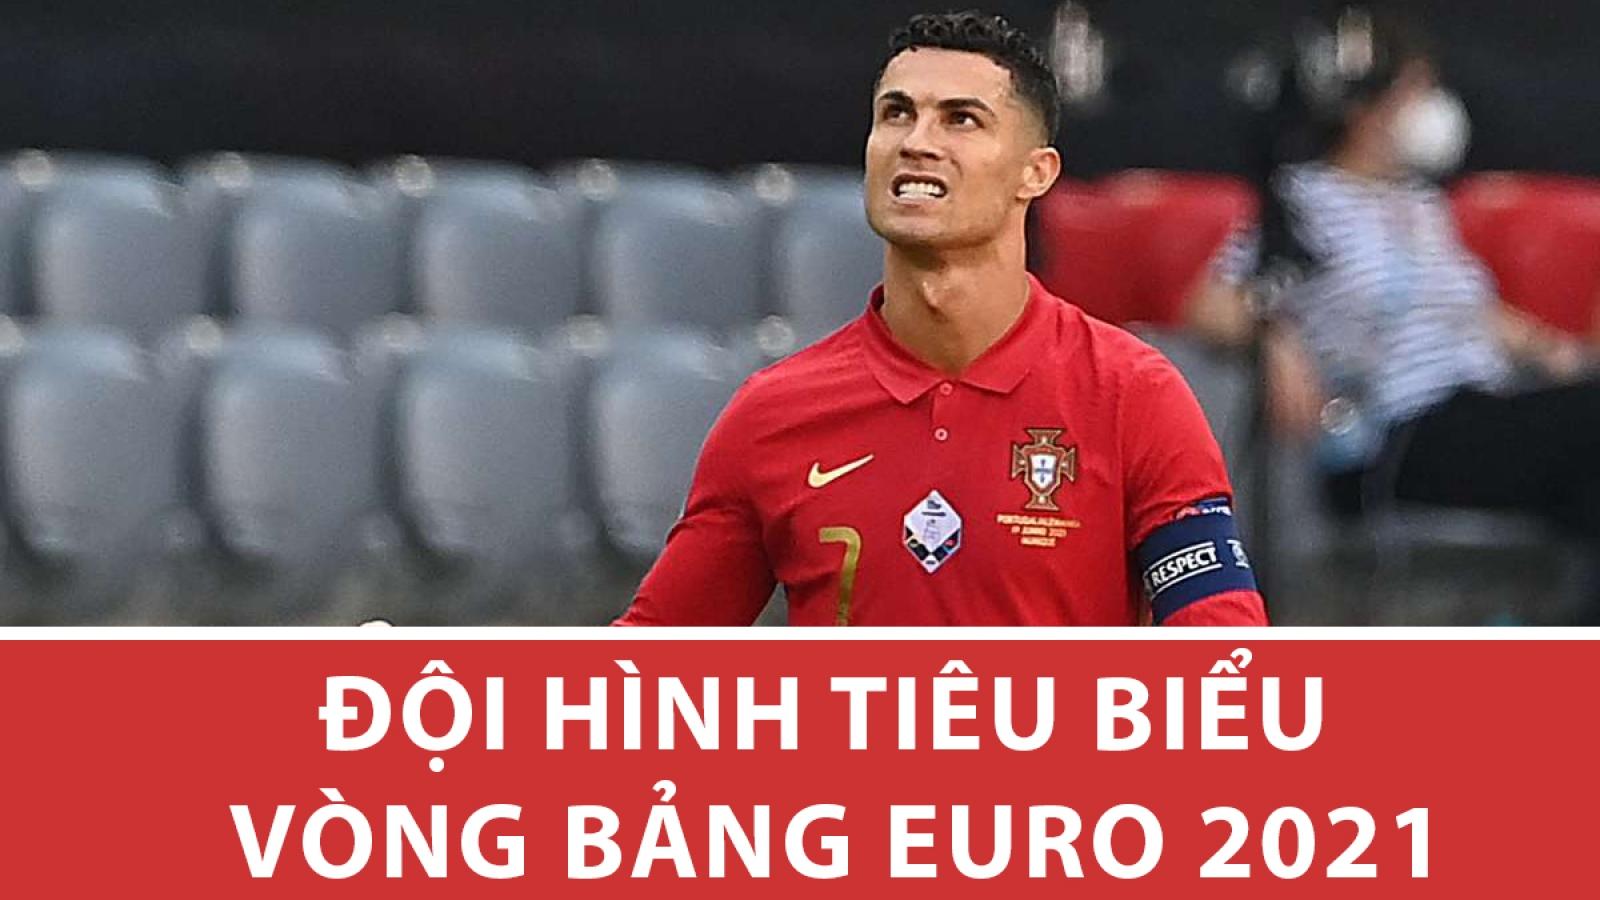 Đội hình tiêu biểu vòng bảng EURO 2021: Ronaldo đá cặp với Depay